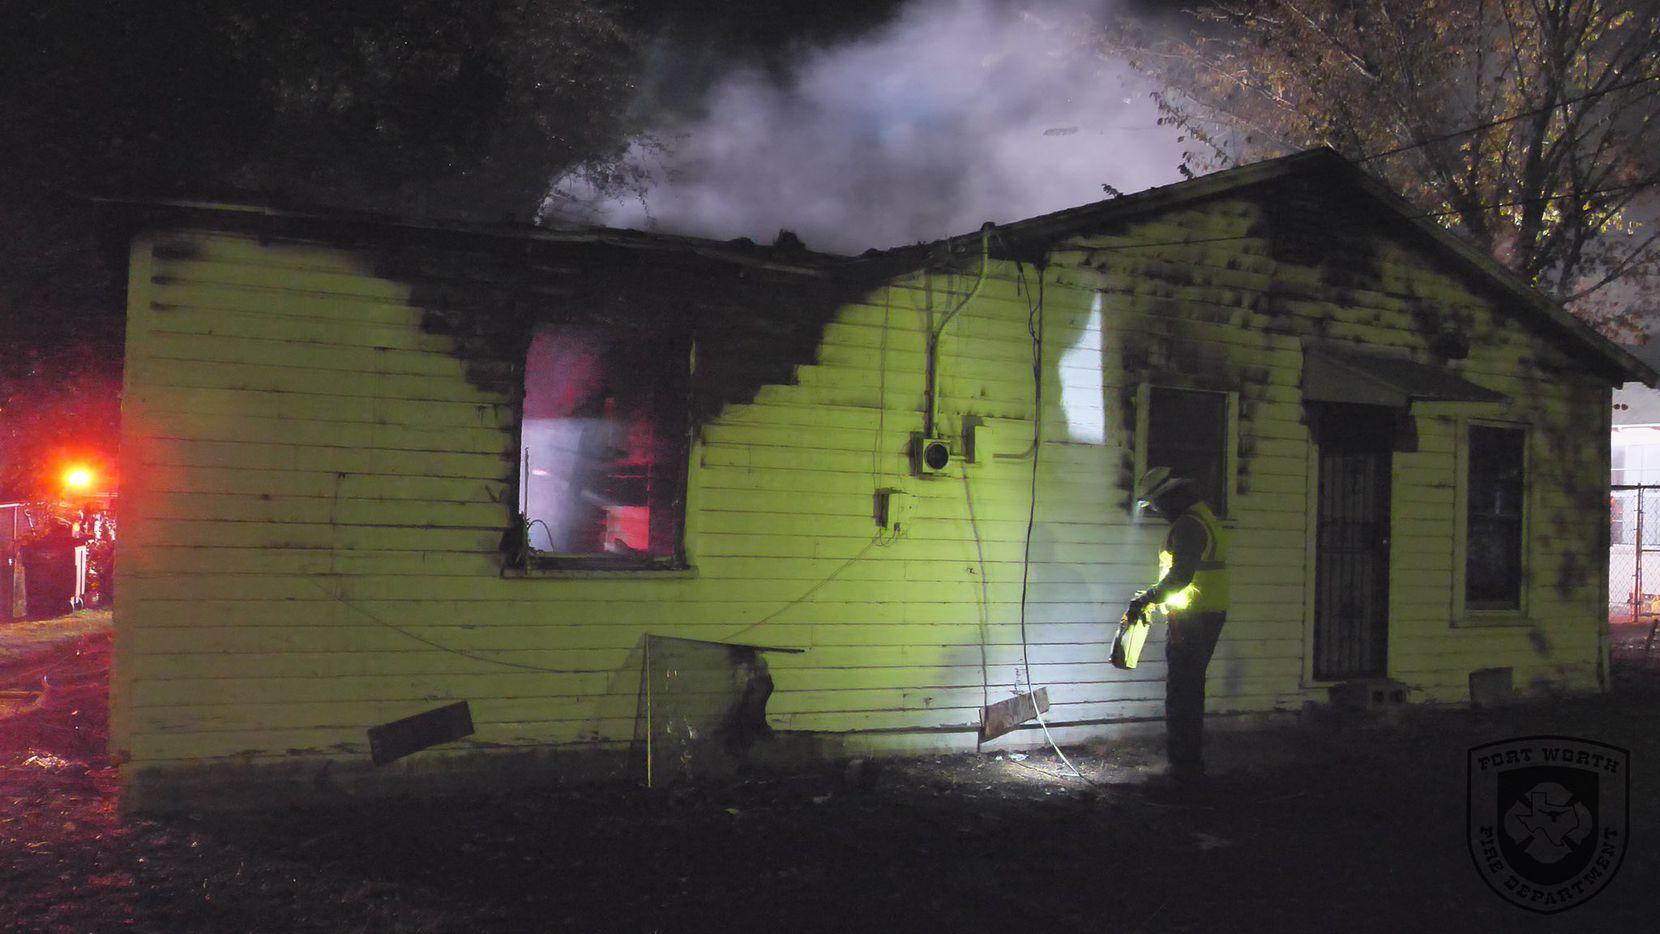 Una mujer mayor fue hospitalizada tras ser rescatada de un incendio el miércoles por la mañana en Fort Worth.